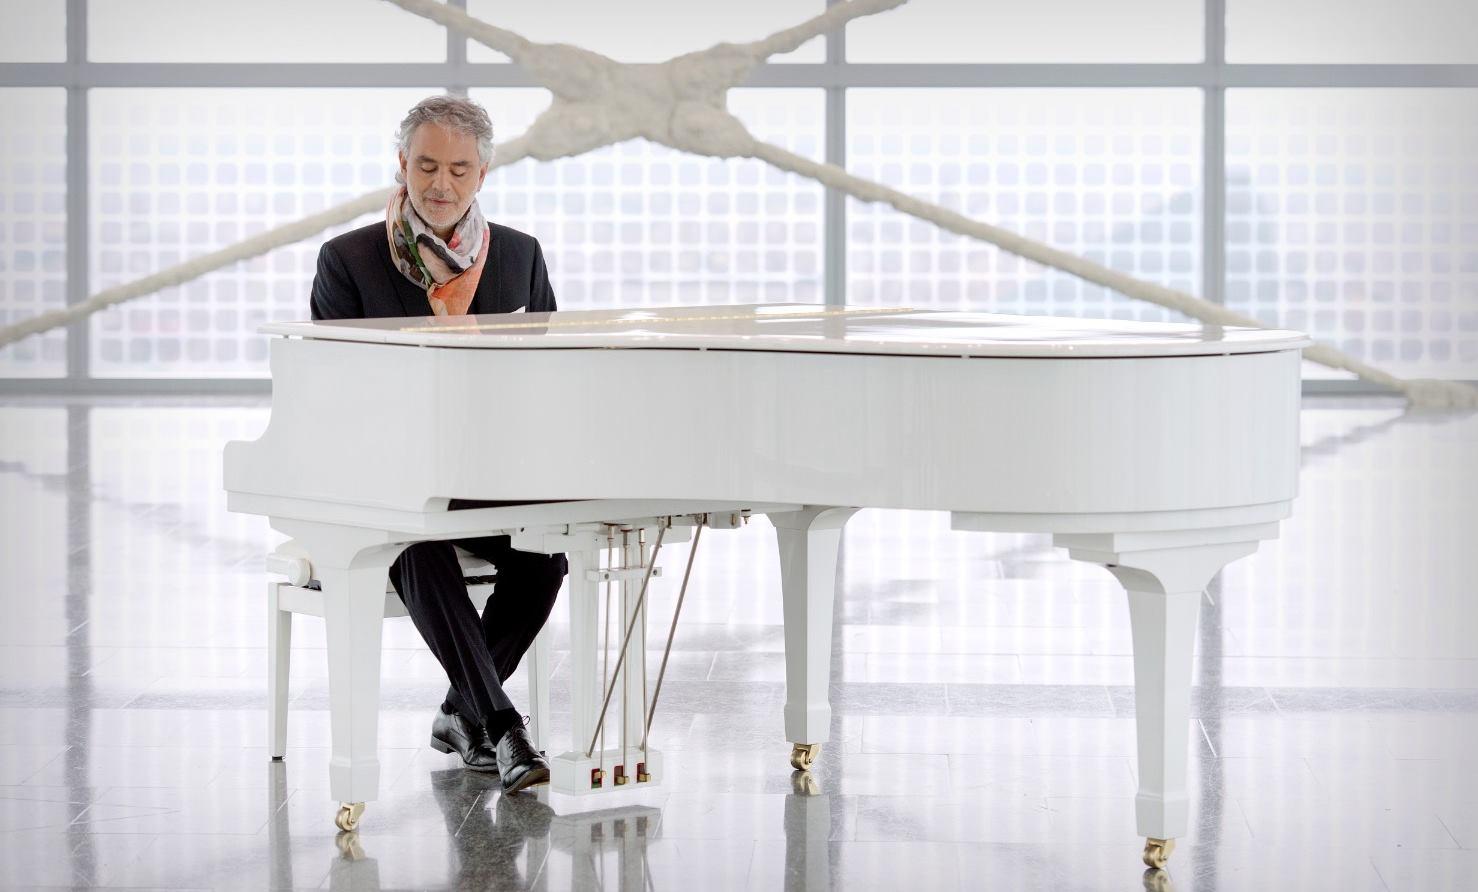 VIDEO: Andrea Bocelli uoči zagrebačkog koncerta primio nagradu Global Award